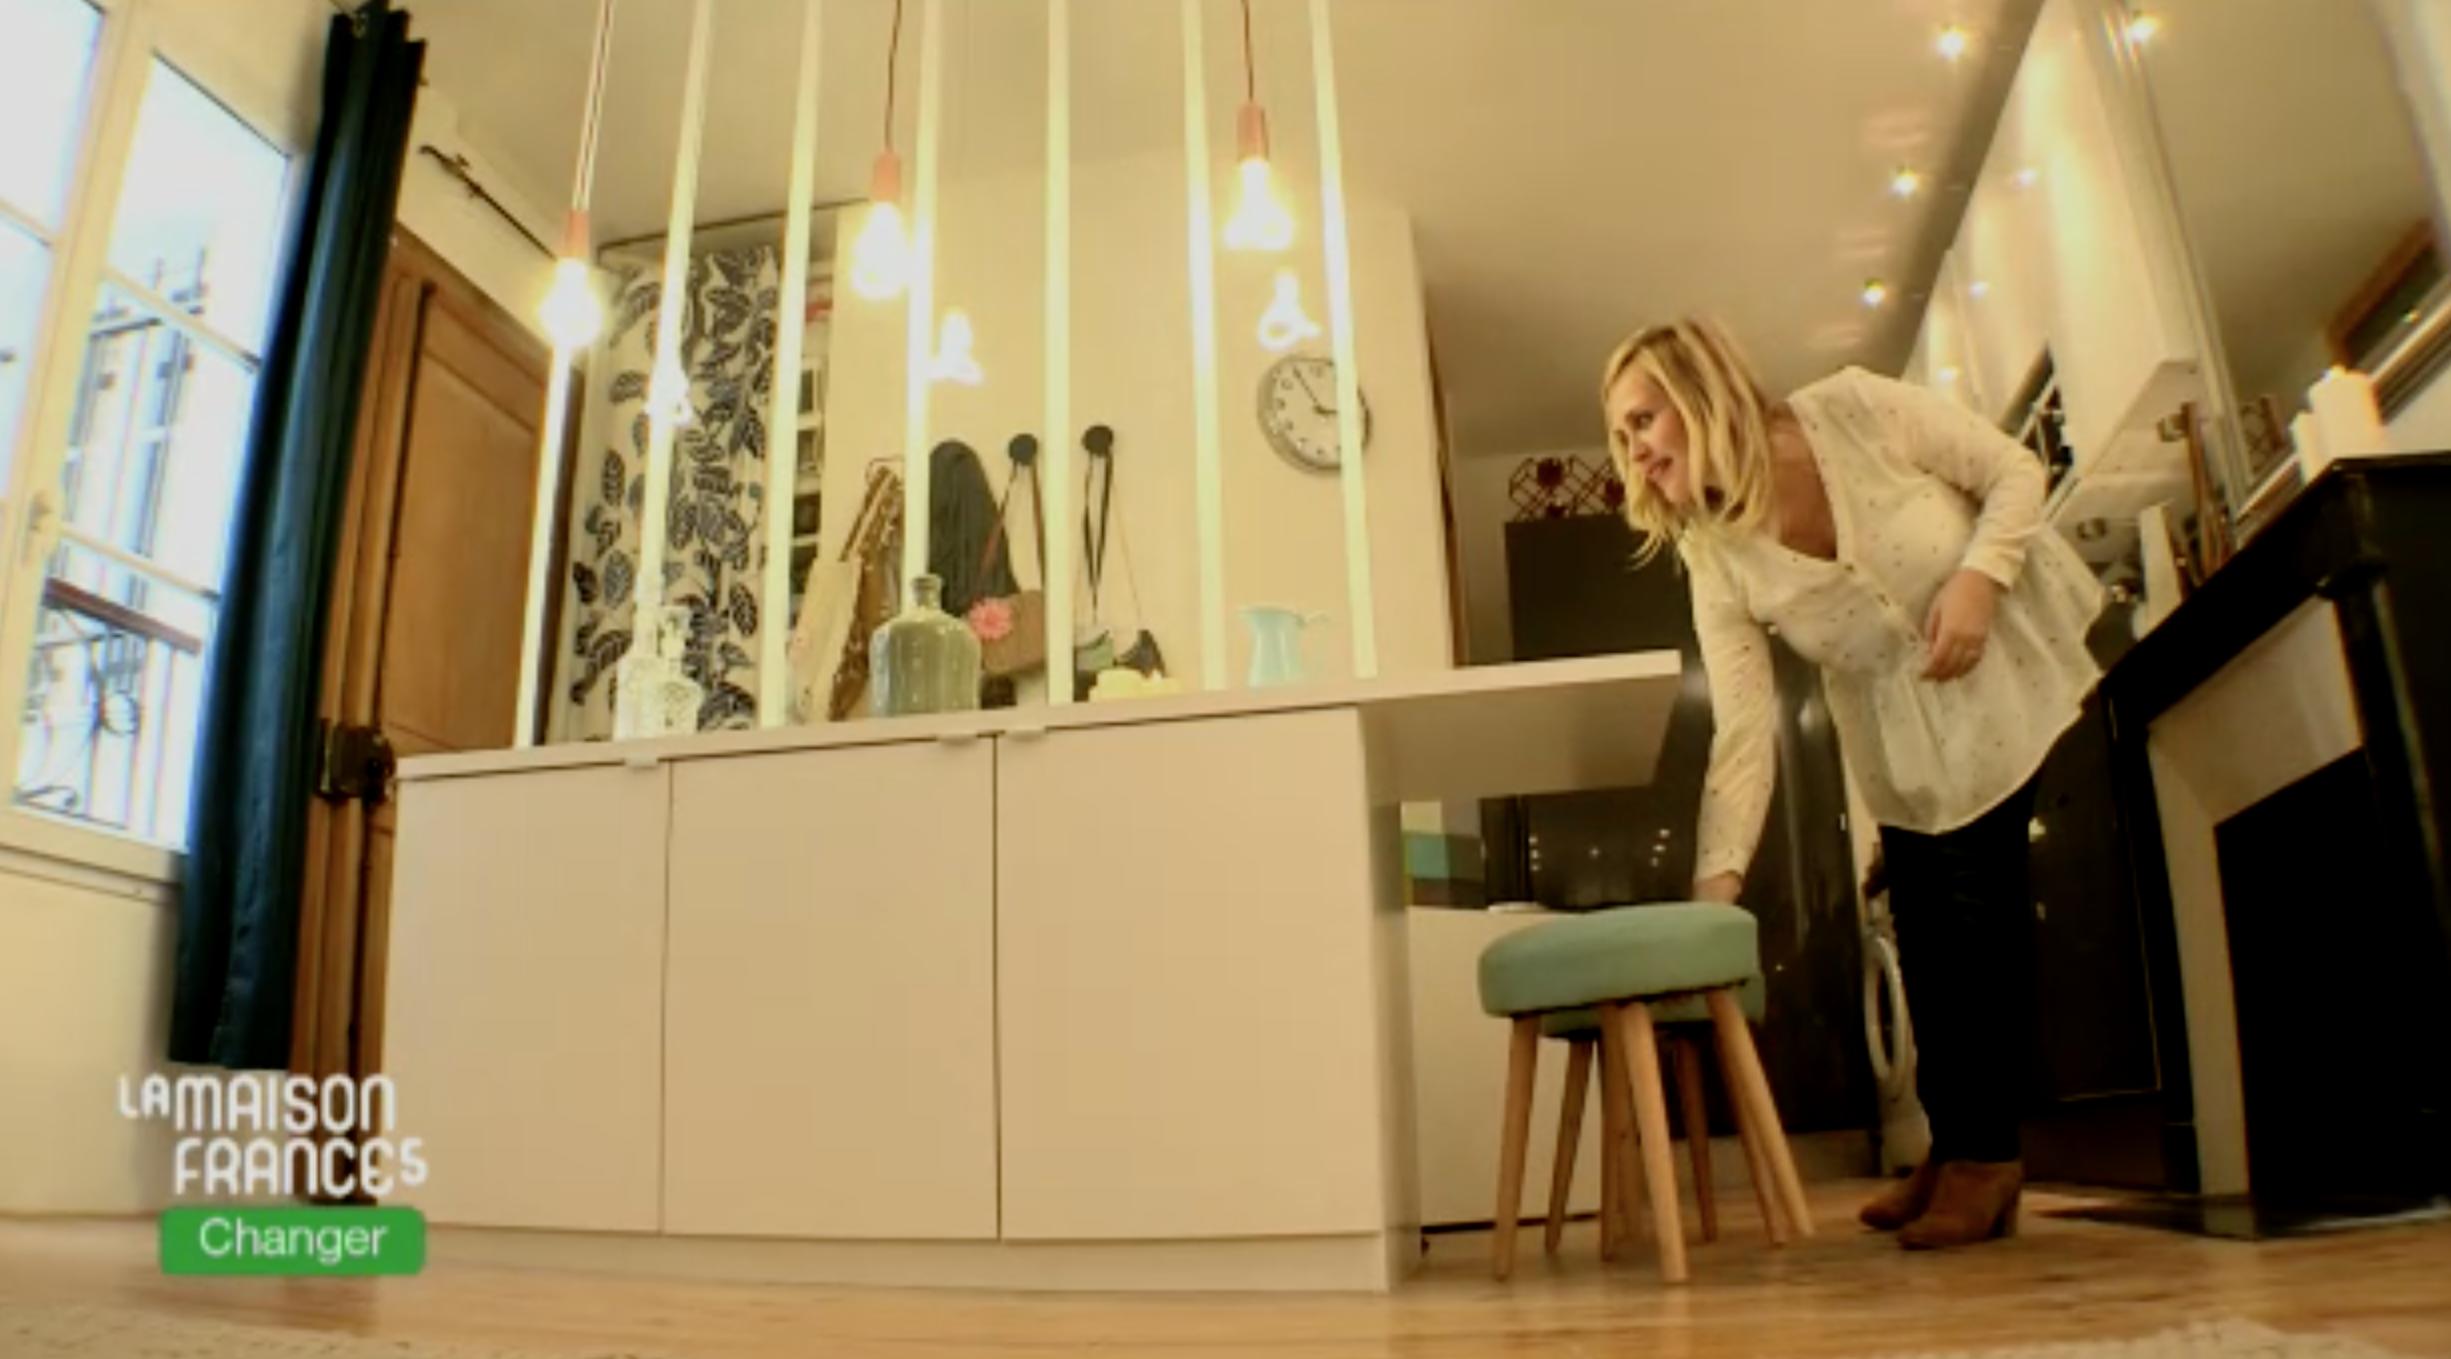 maison france 5 karine et gaelle ventana blog. Black Bedroom Furniture Sets. Home Design Ideas